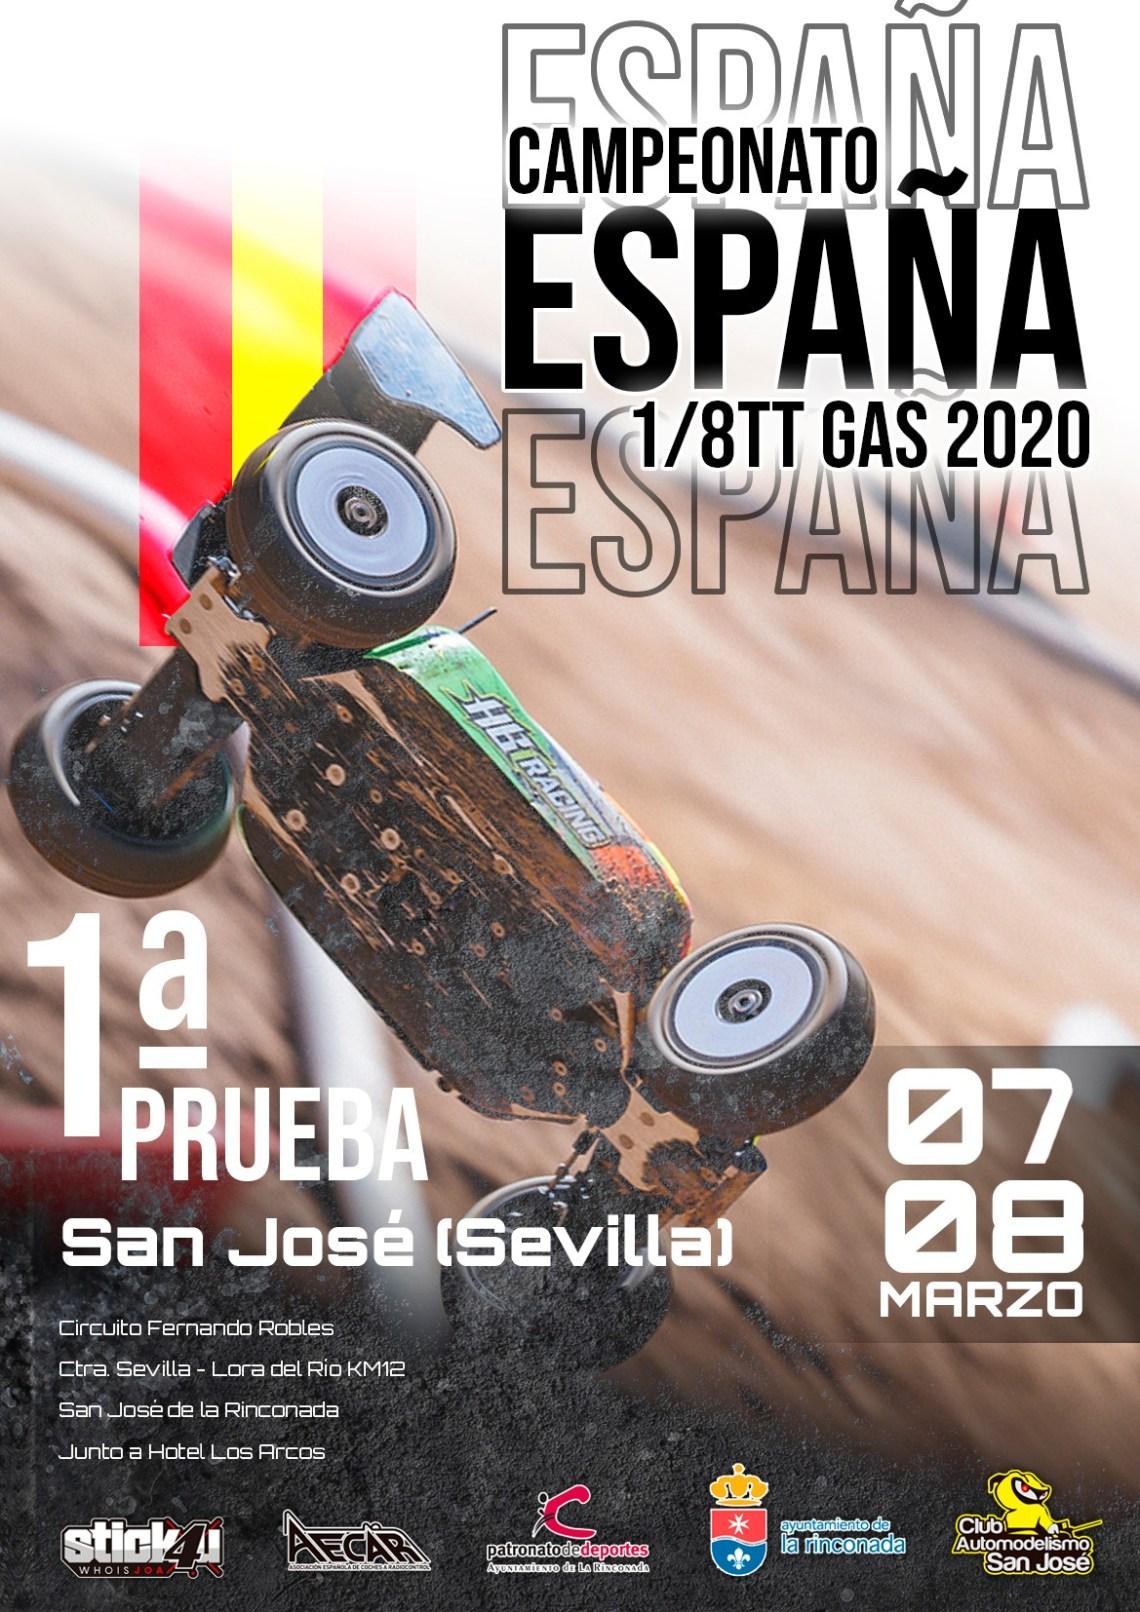 Campeonato de España 1/8 TT Gas 2020 Sevilla